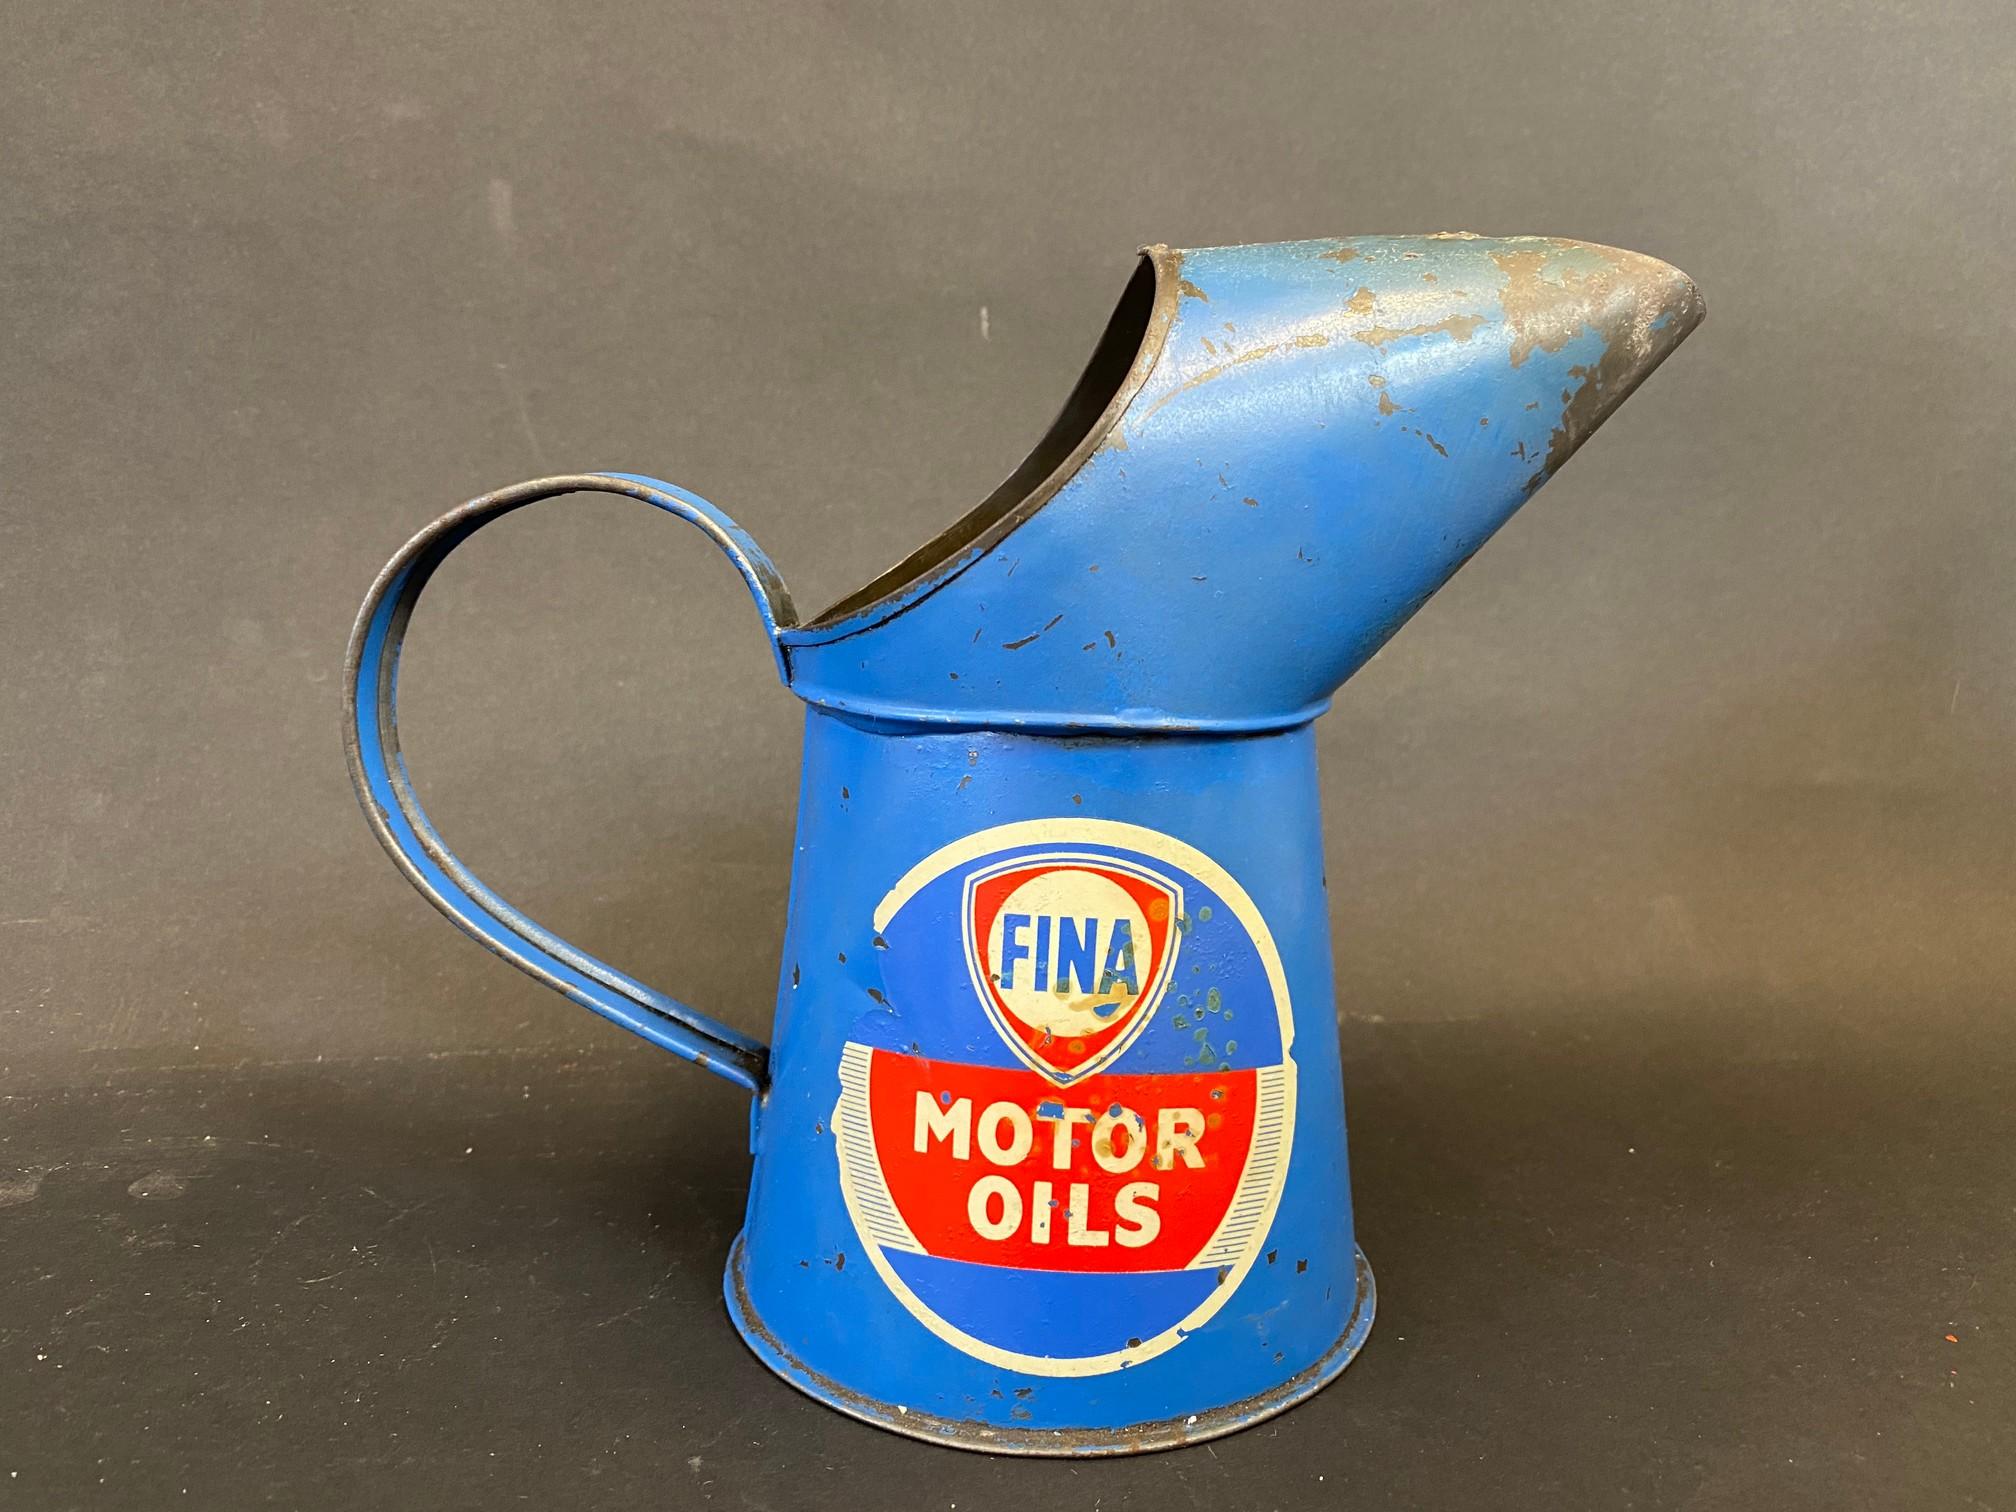 A Fina Motor Oils pint measure. - Image 2 of 4